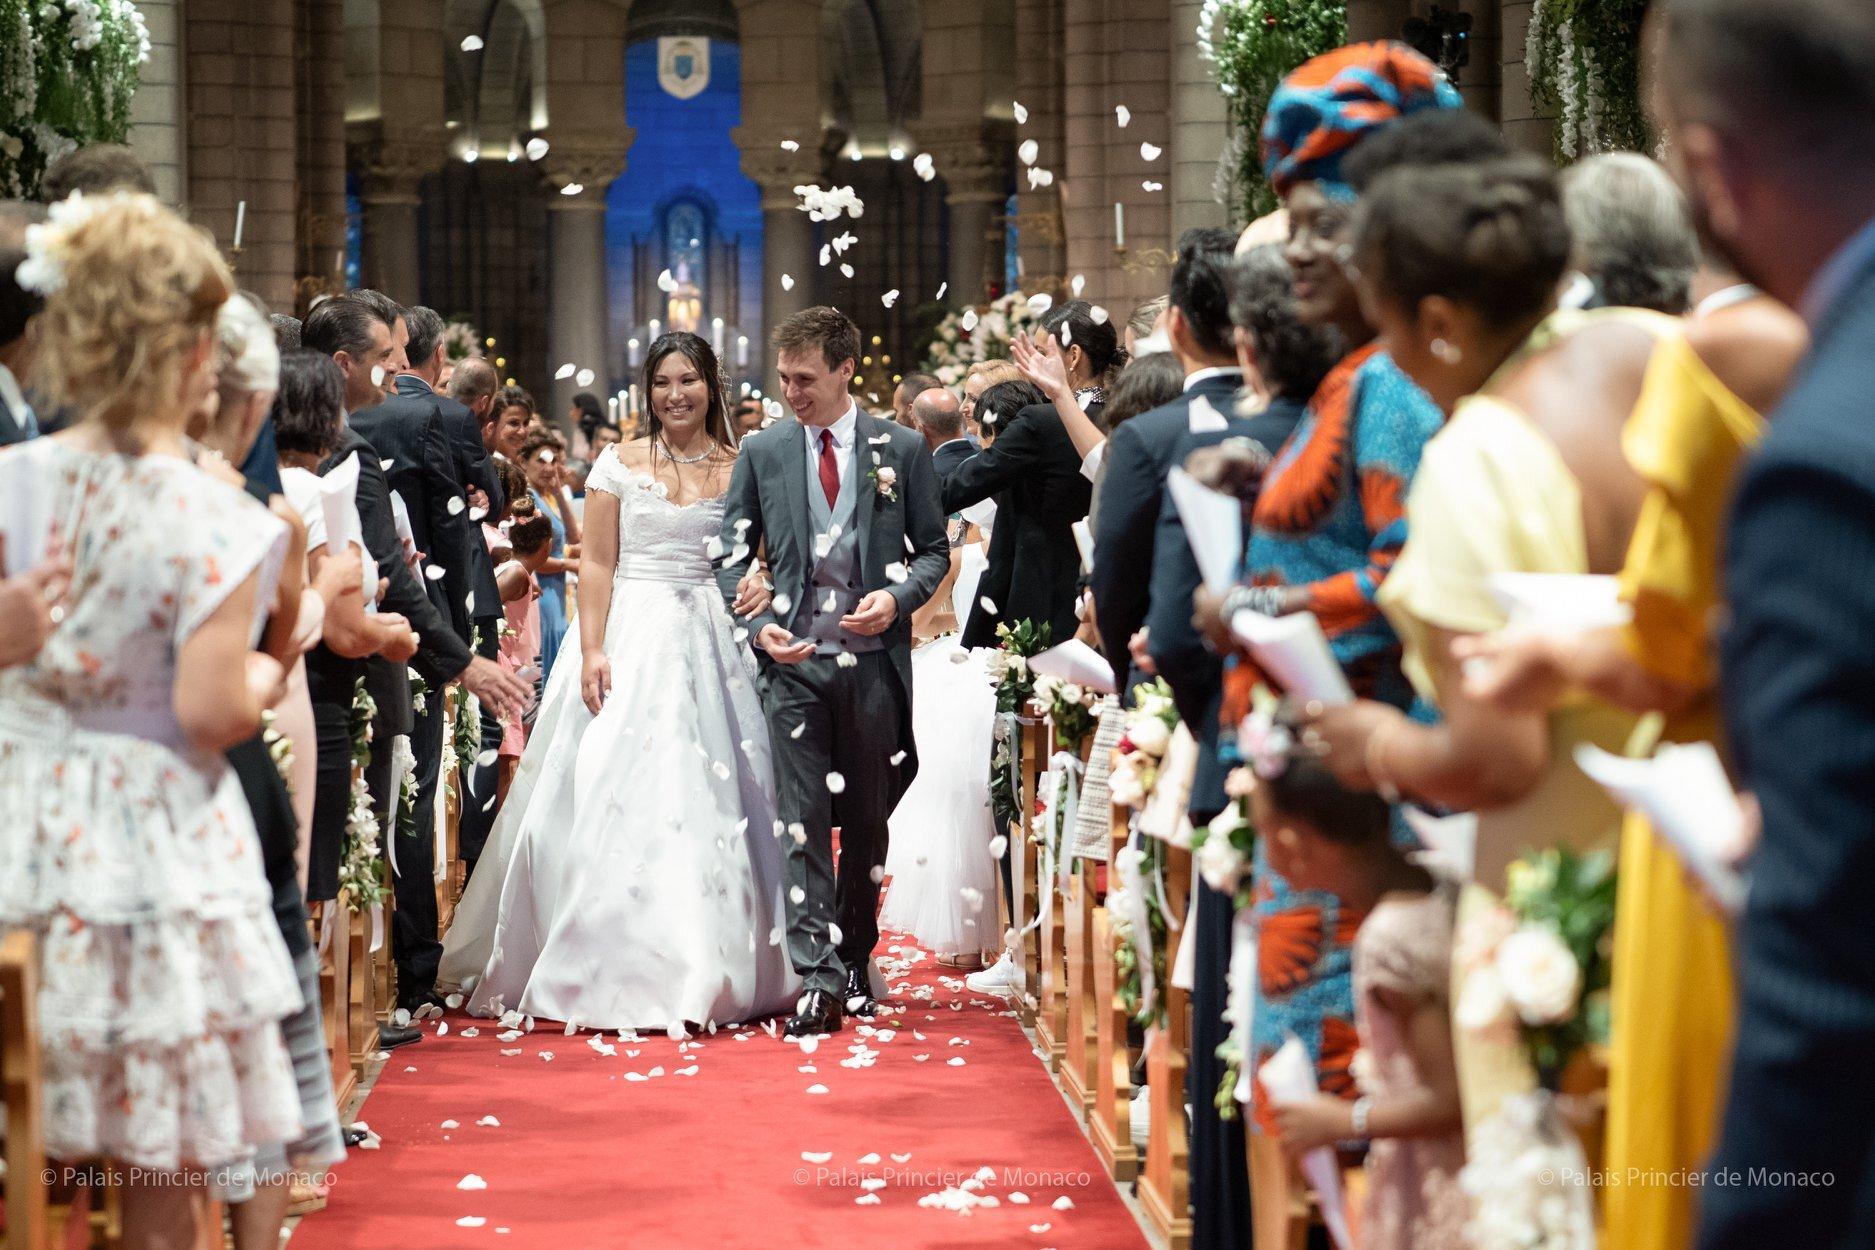 Marie und Louis Ducruet heirateten in einer emotionalen Zeremonie. © Palais Princier de Monaco